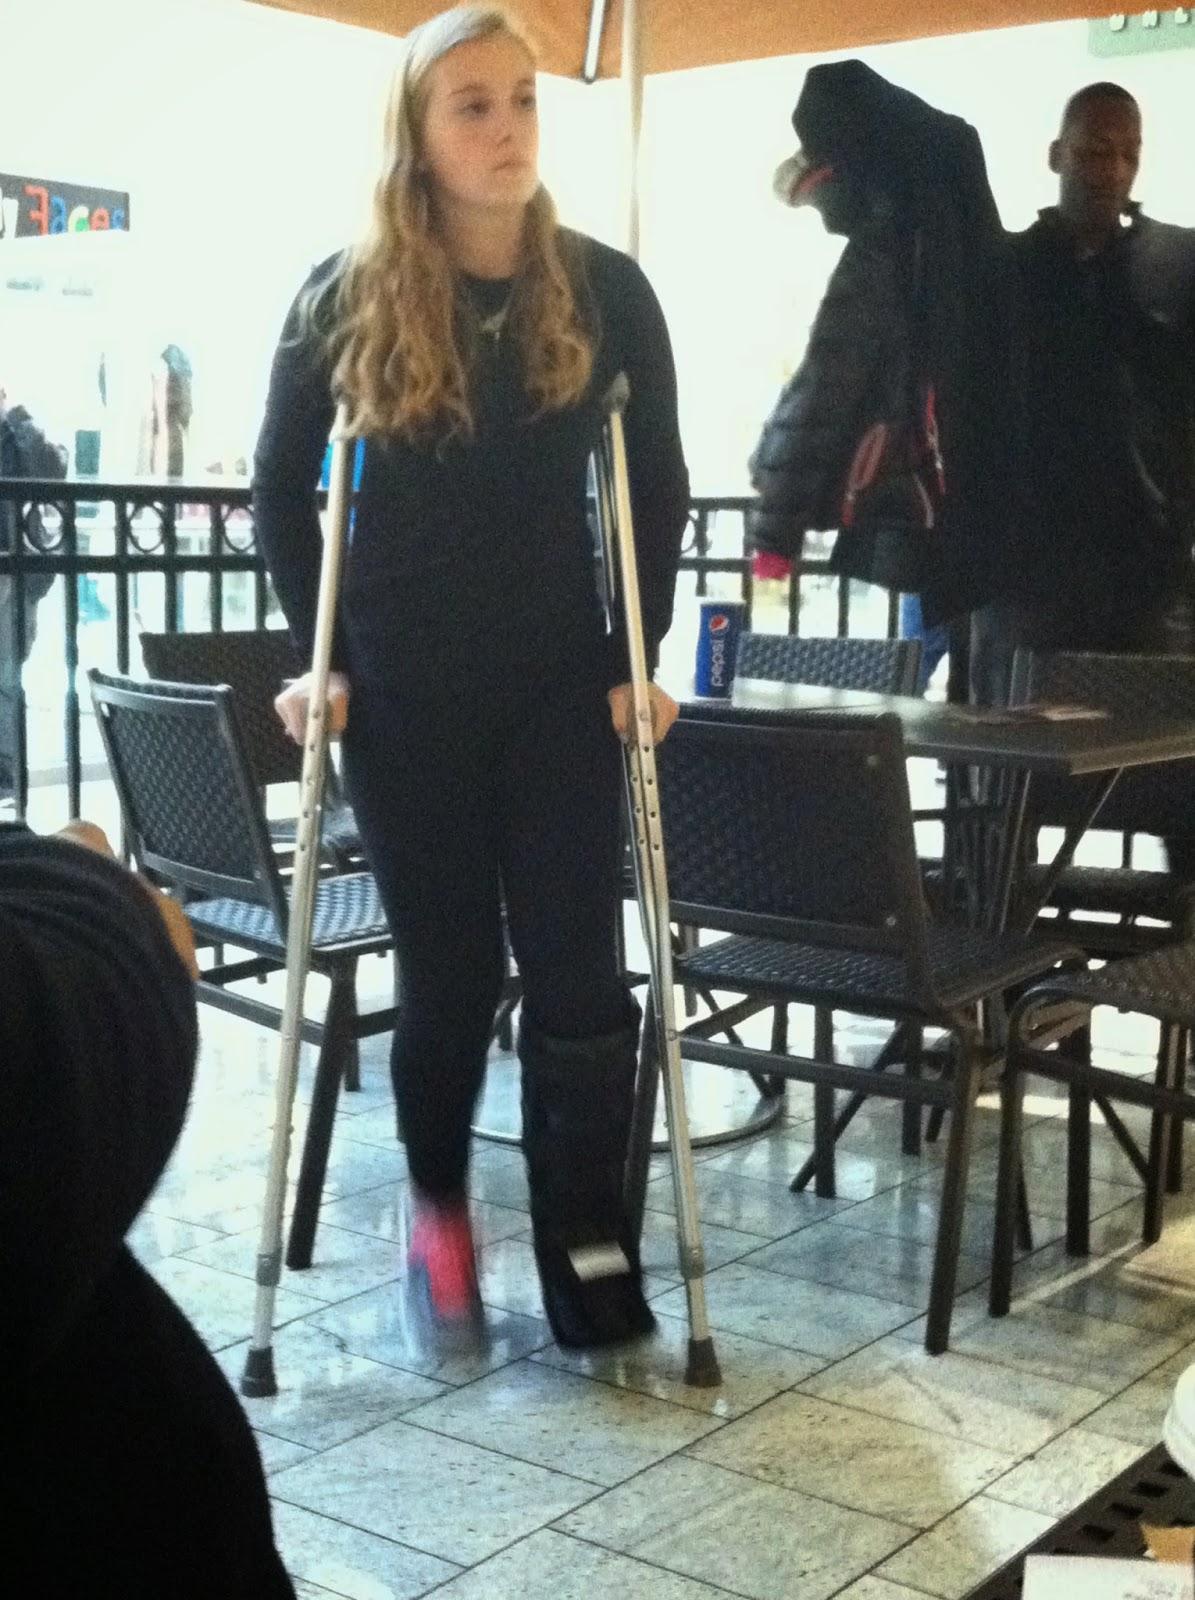 Hot girl slc crutching - 1 part 1